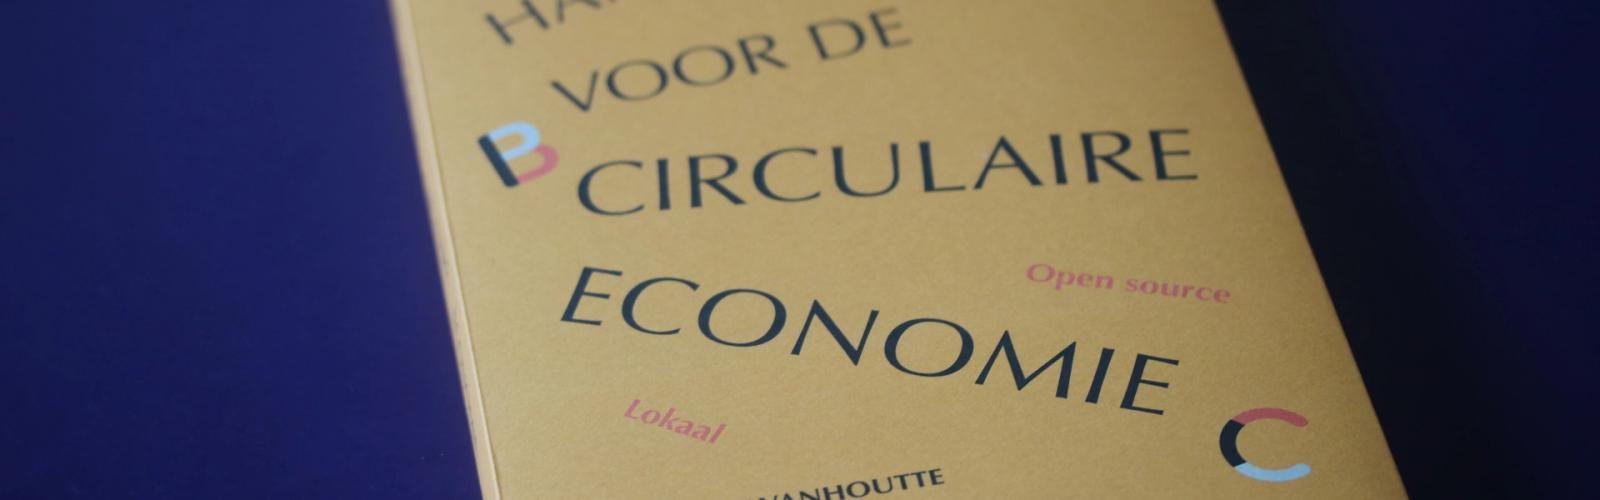 cover handboek voor de circulaire economie